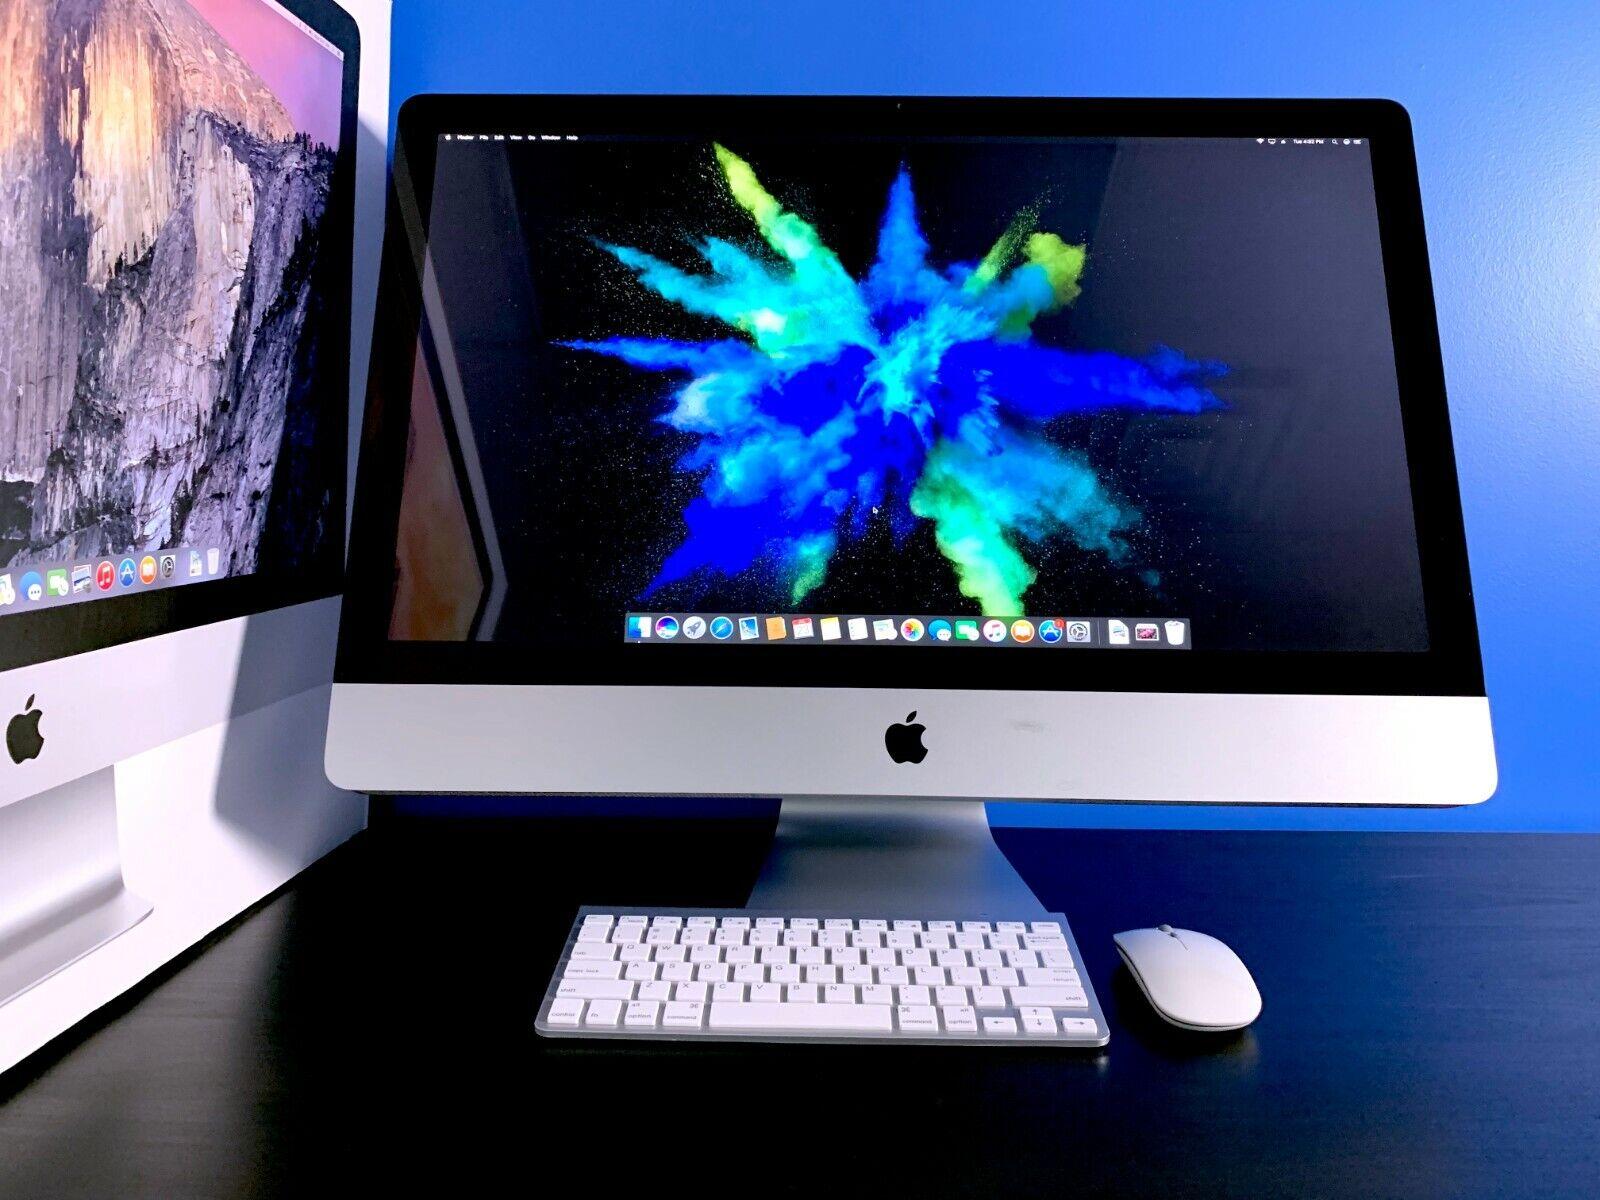 Apple iMac 27 All-In-One Desktop | INTEL CORE | 1TB STORAGE | 3 YEAR WARRANTY. Buy it now for 699.00